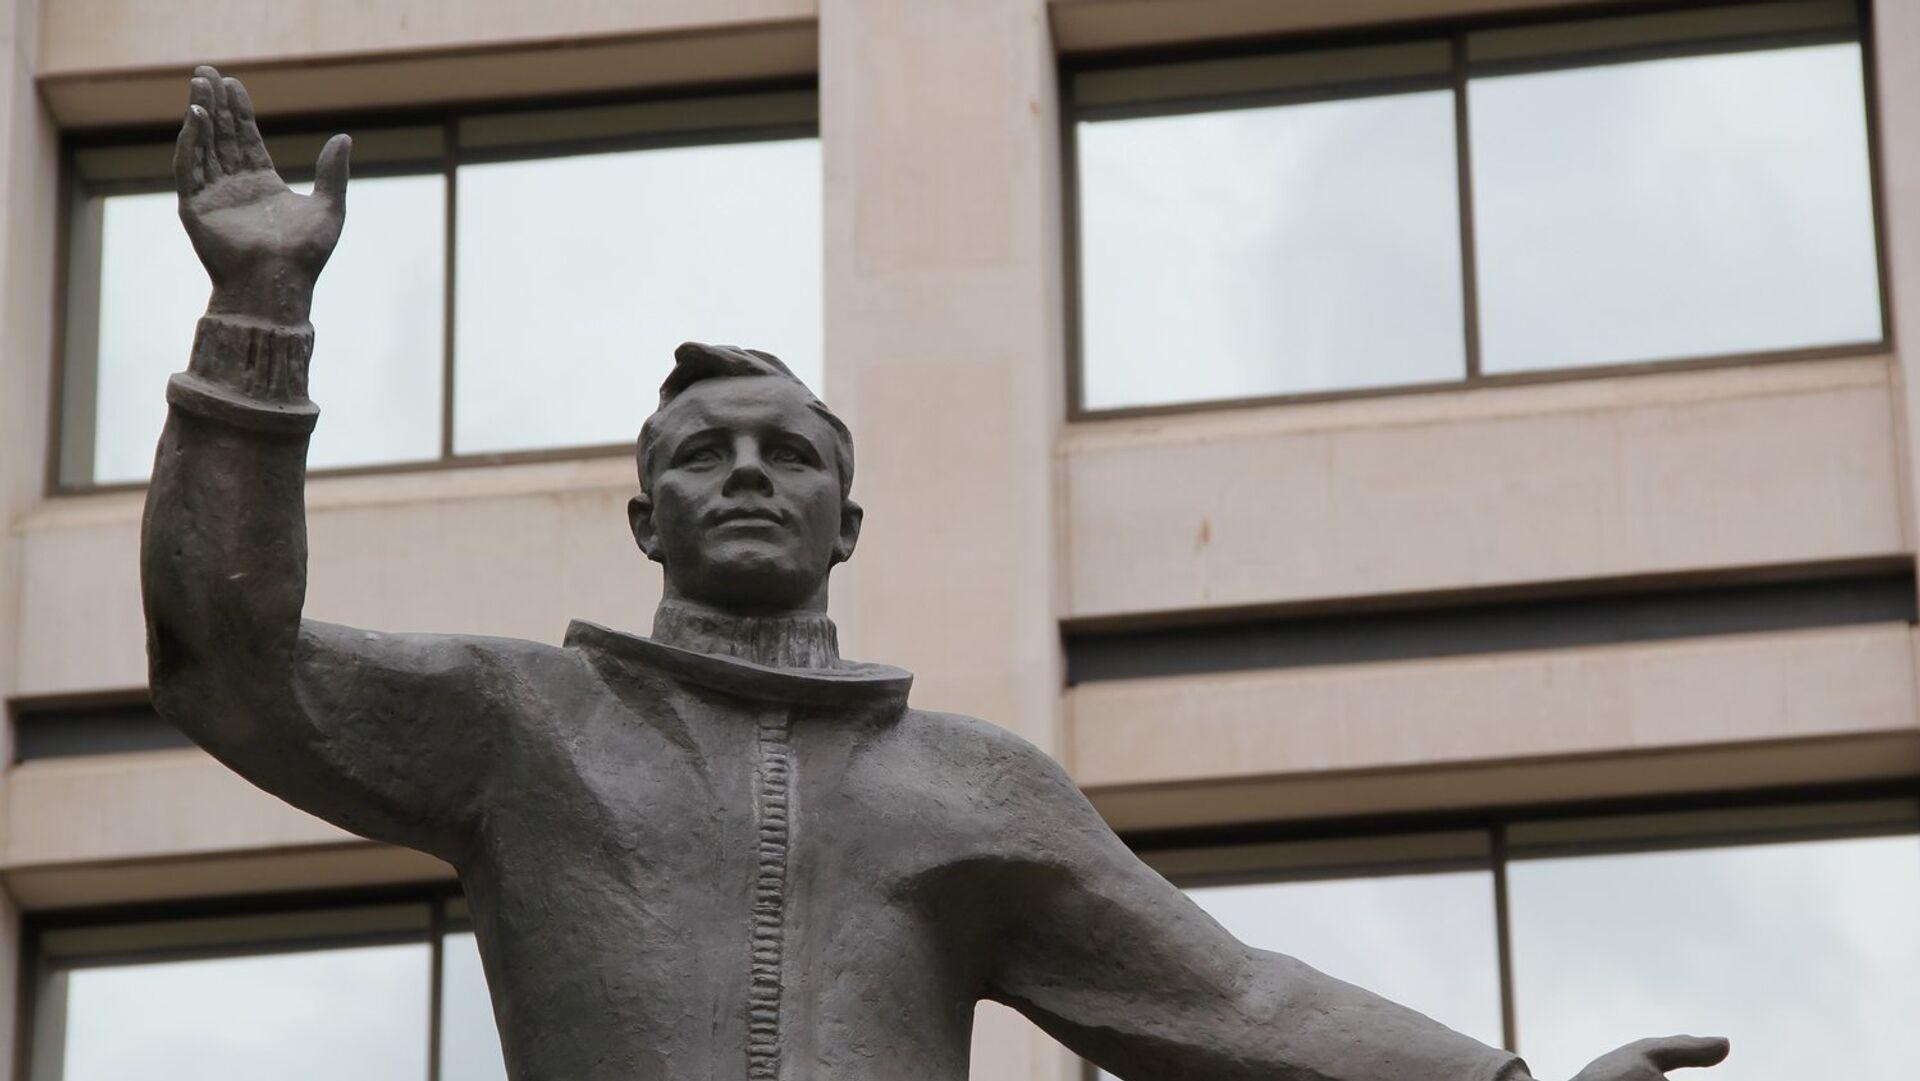 Памятник Юрию Гагарину в Лондоне у здания штаб-квартиры Британского Совета - РИА Новости, 1920, 13.04.2021